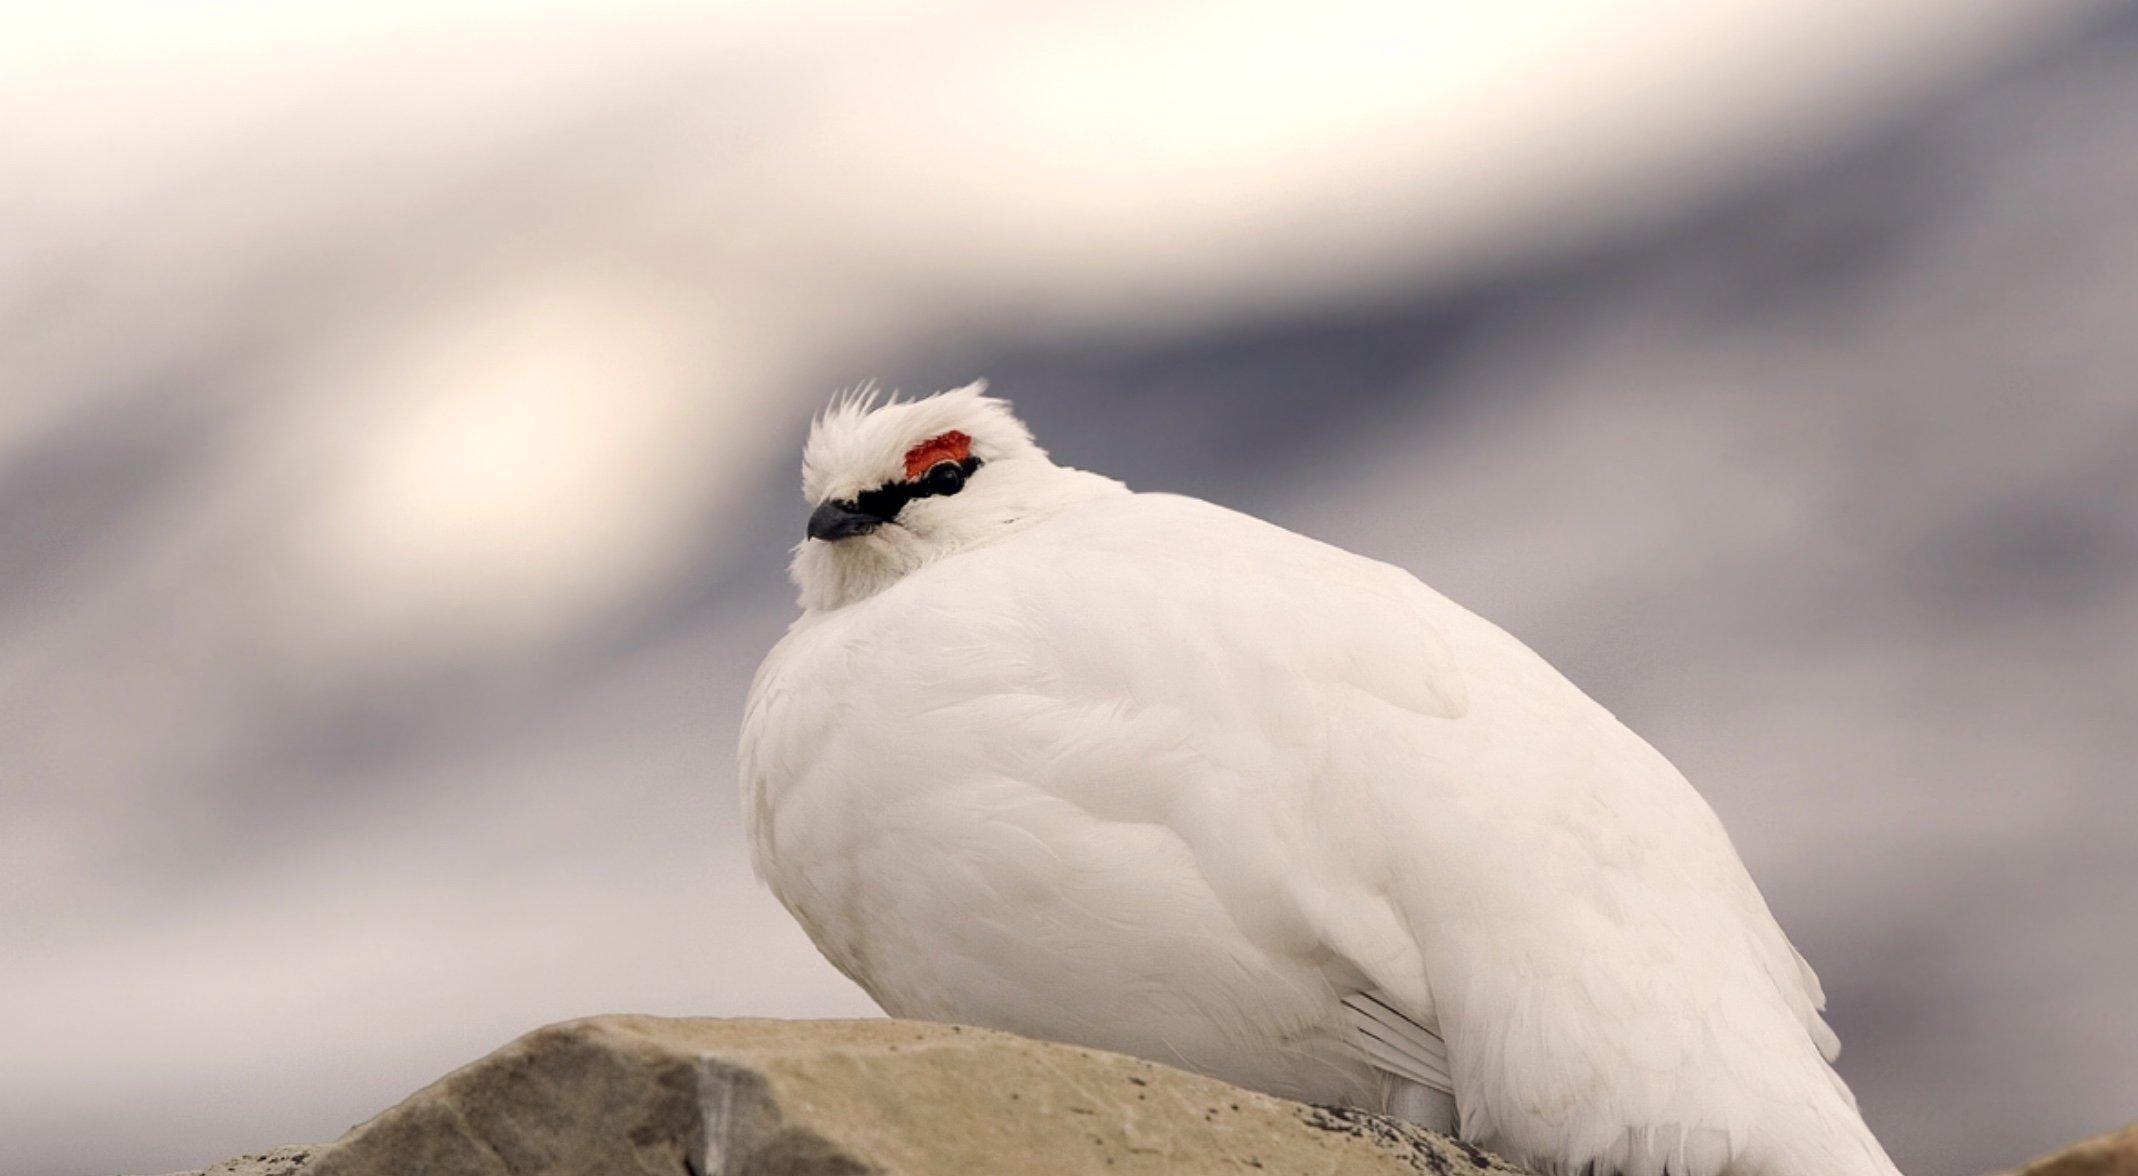 Ein komplett weißes Alpenschneehuhn sitzt auf einem Stein. Der Himmel im Hintergrund ist bewölkt